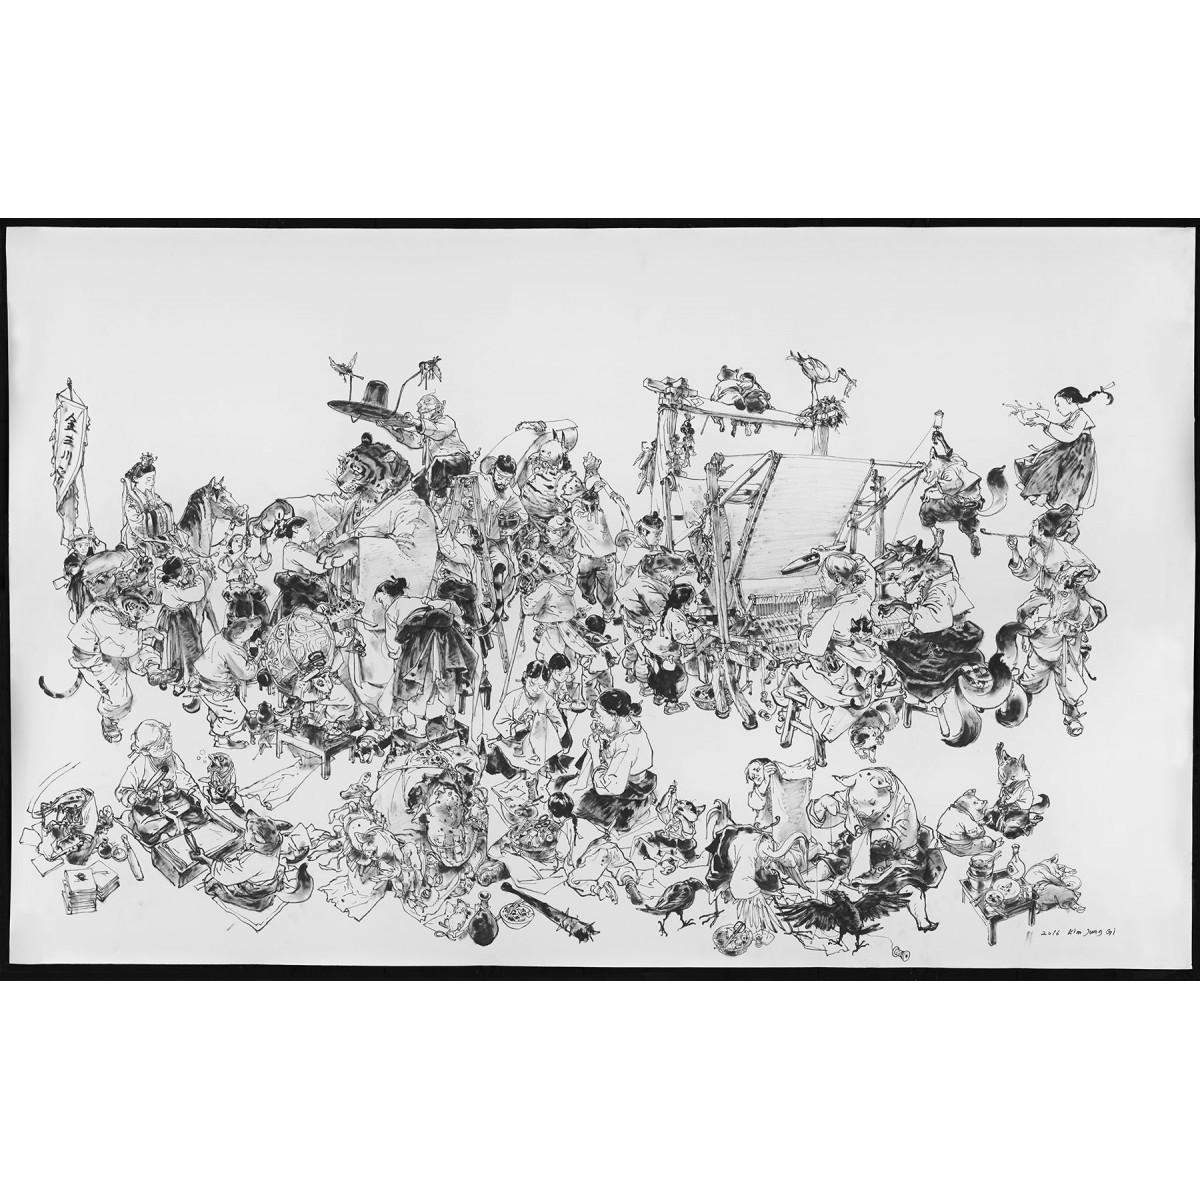 Digigraphie - 'The Tiger's New Clothes' - 100 x 50 cm (numéroté et signé)